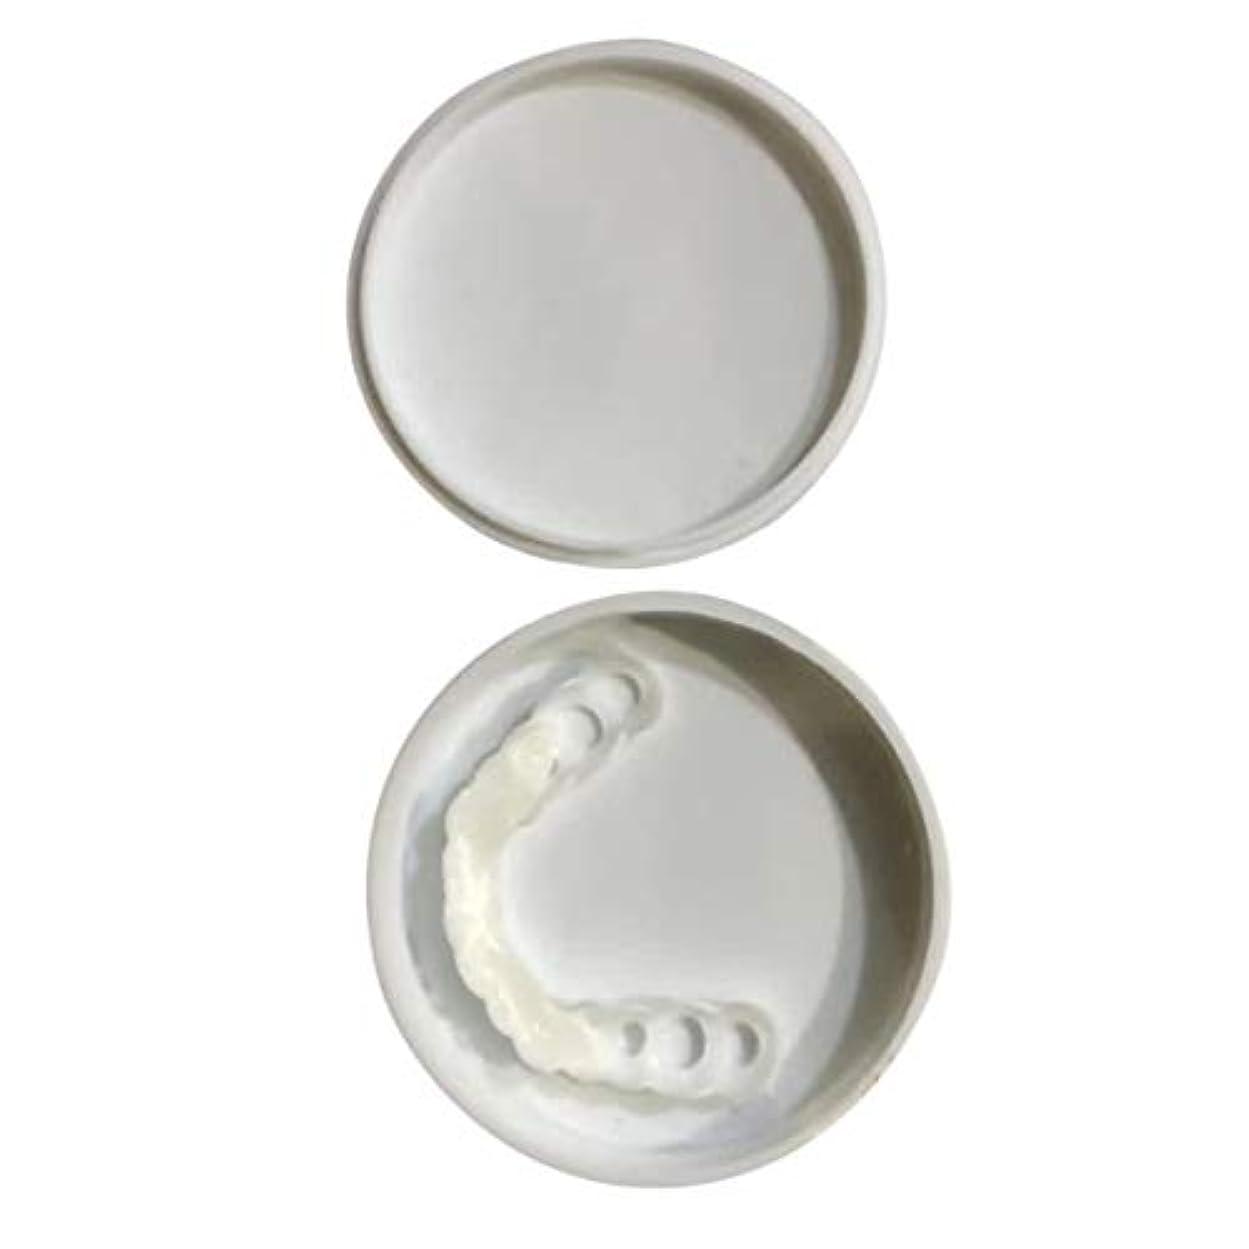 誇りに思う貢献しっとり快適なスナップオン男性女性歯インスタントパーフェクトスマイルコンフォートフィットフレックス歯フィットホワイトニング笑顔偽歯カバー - ホワイト